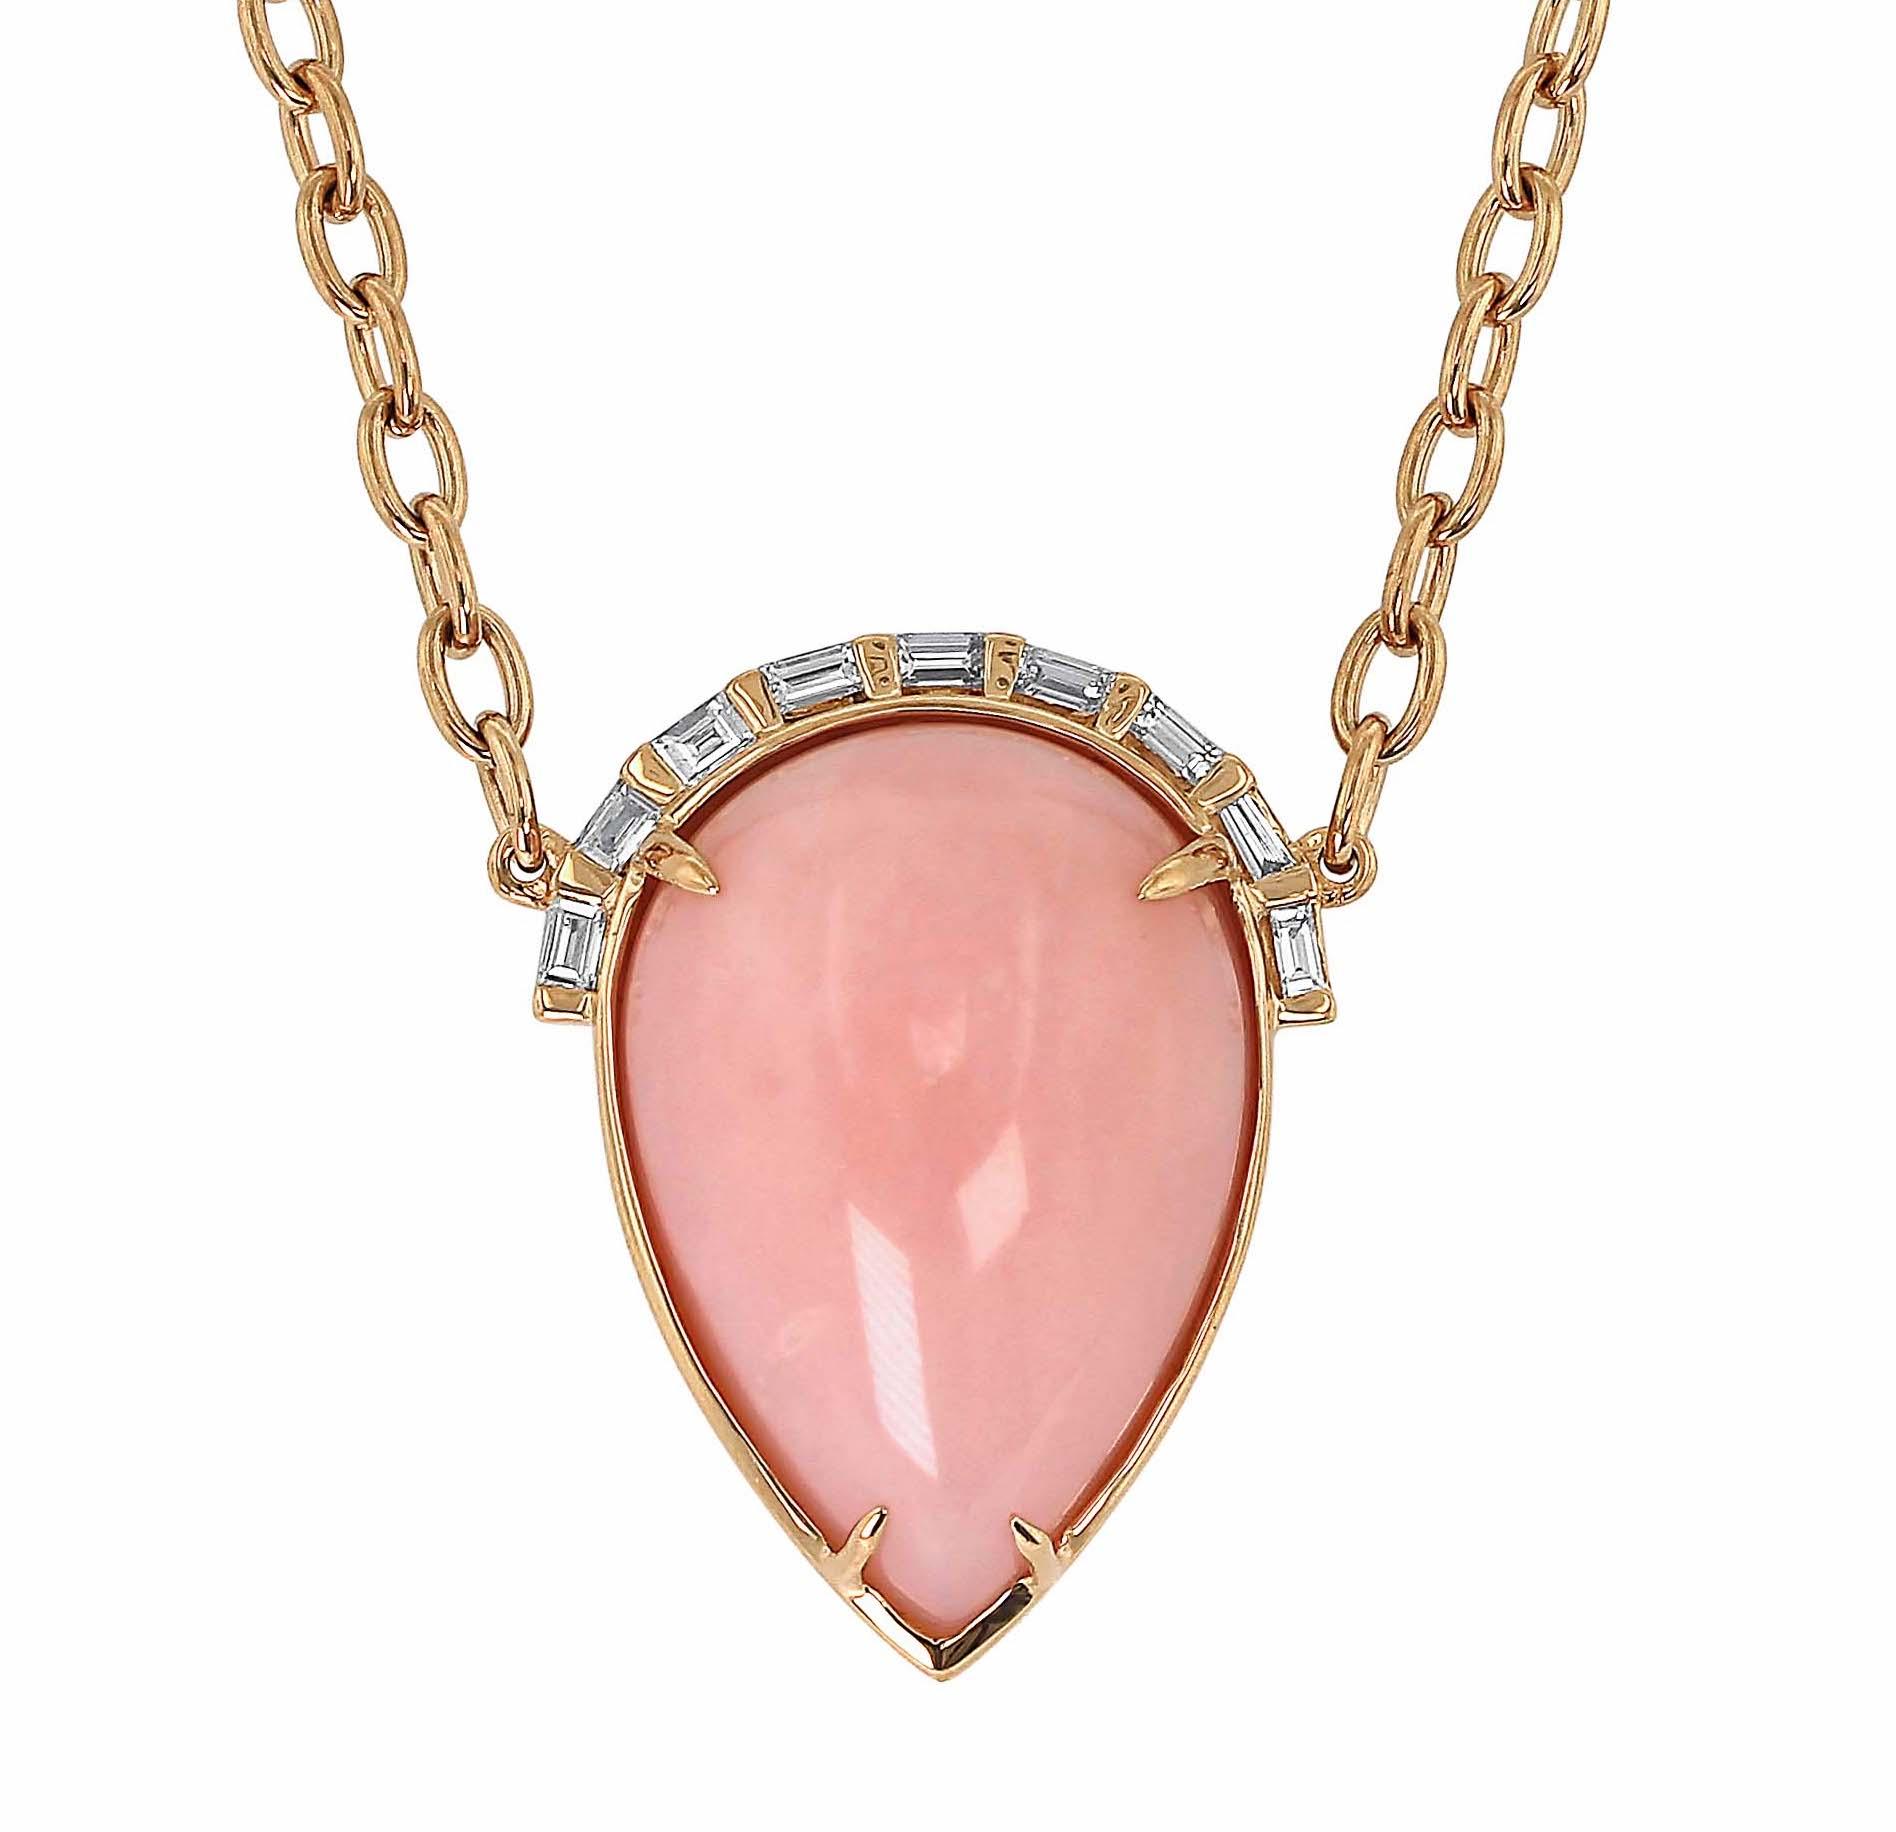 Pink Opal Necklace 2 copy 2.jpg